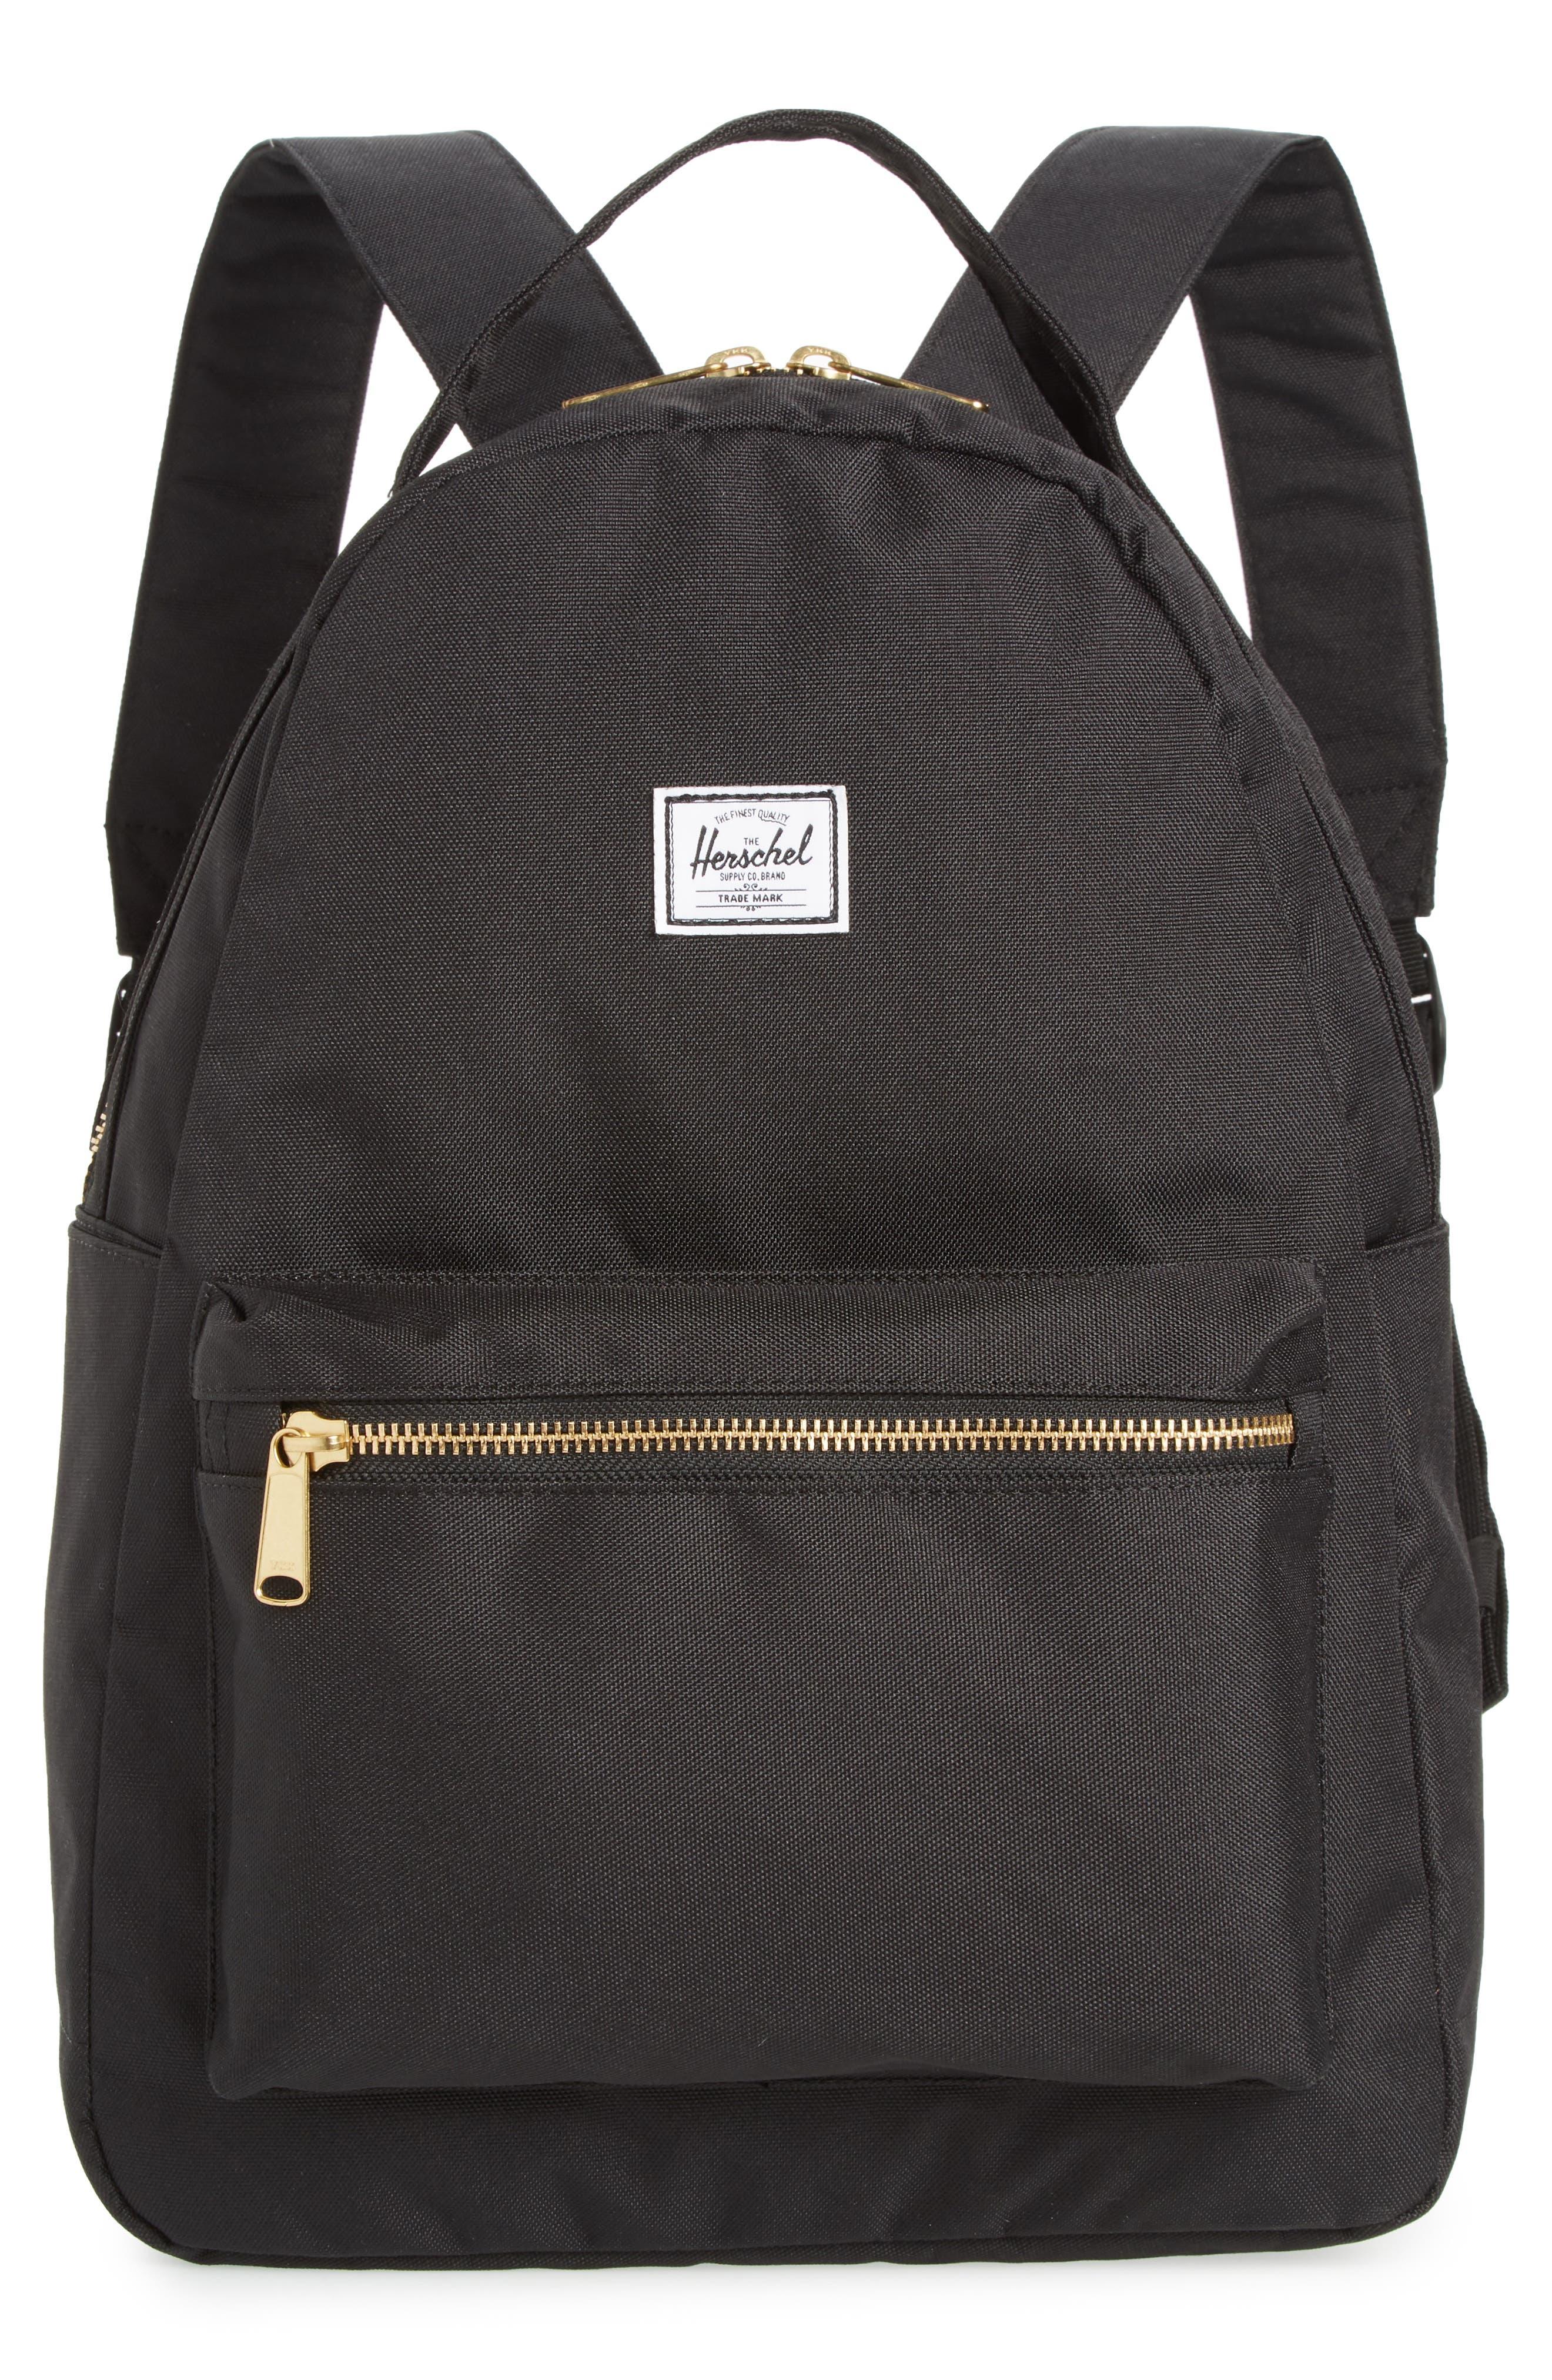 HERSCHEL SUPPLY CO. Nova Mid Volume Backpack, Main, color, NO_COLOR